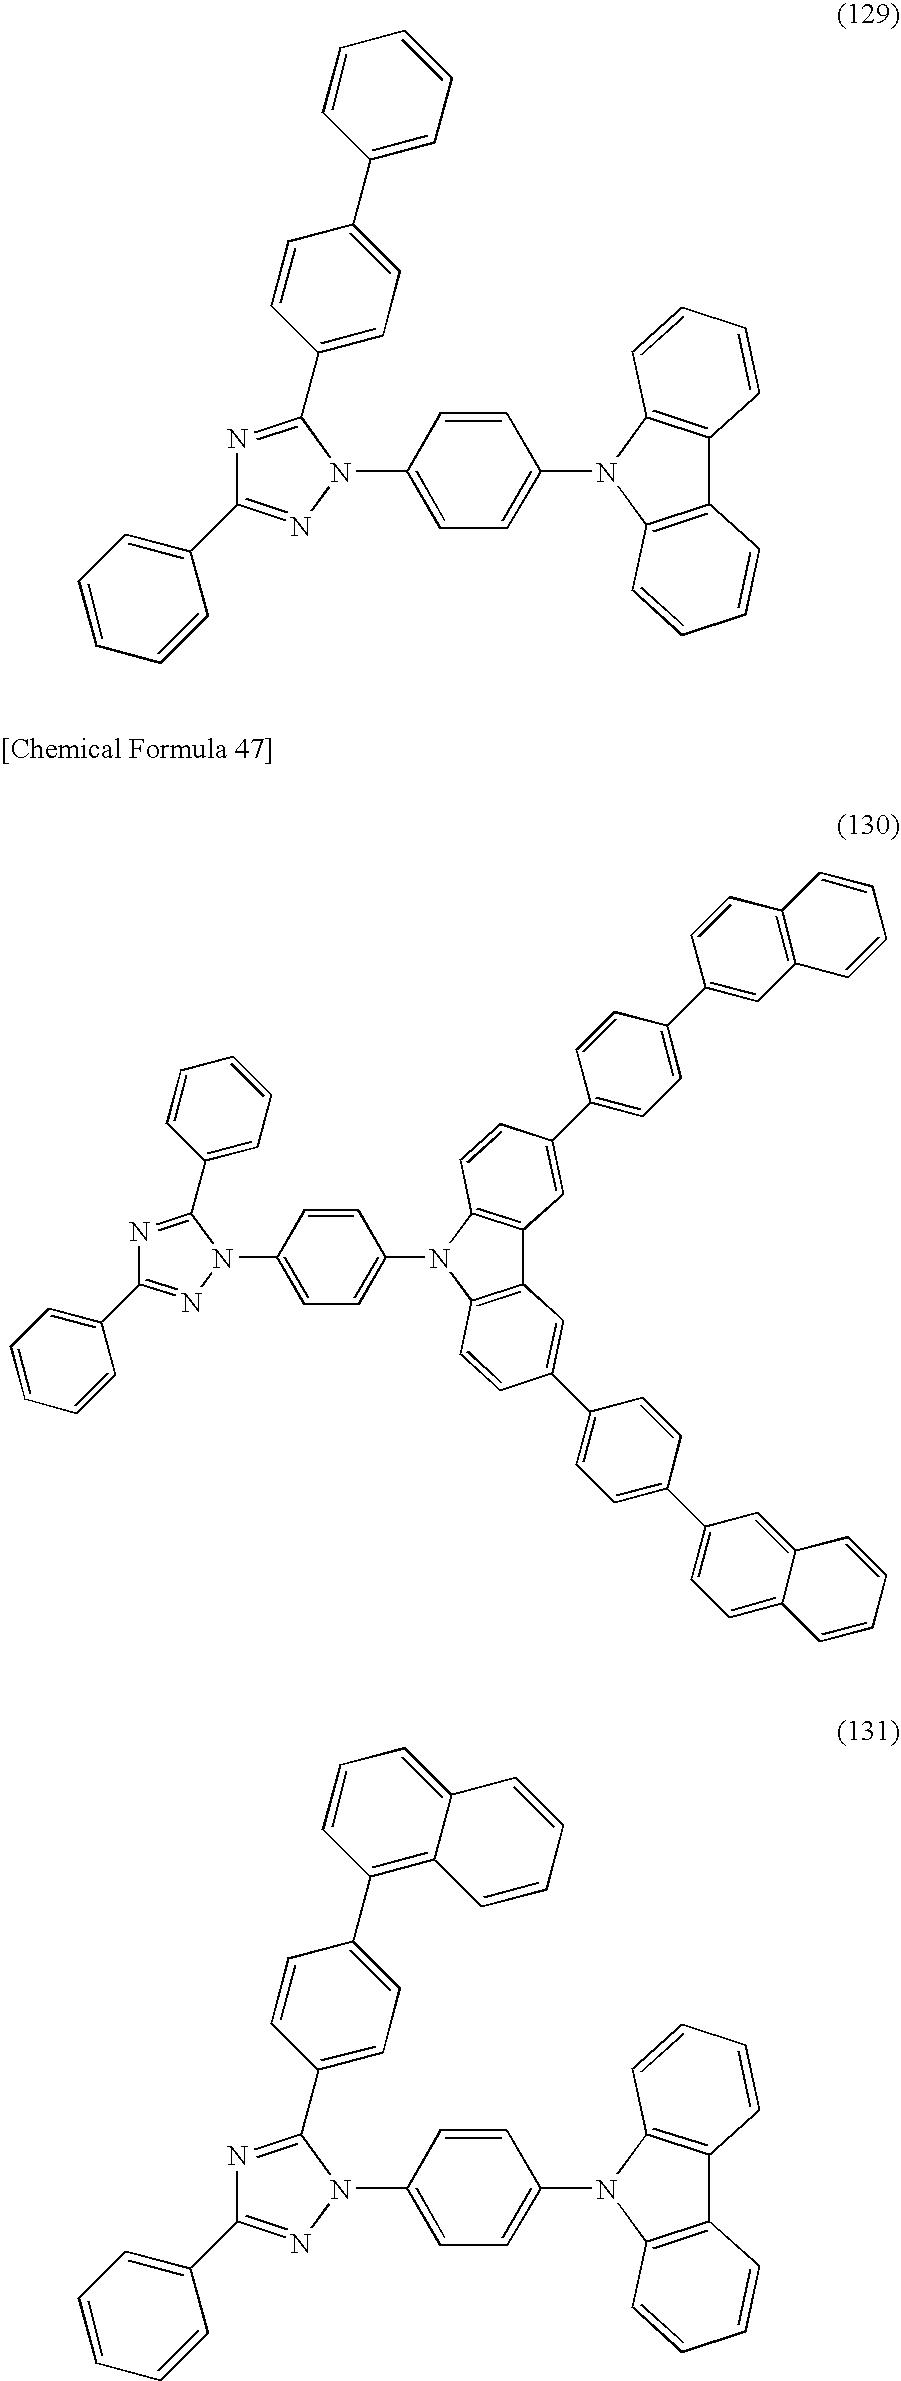 Figure US08551625-20131008-C00053